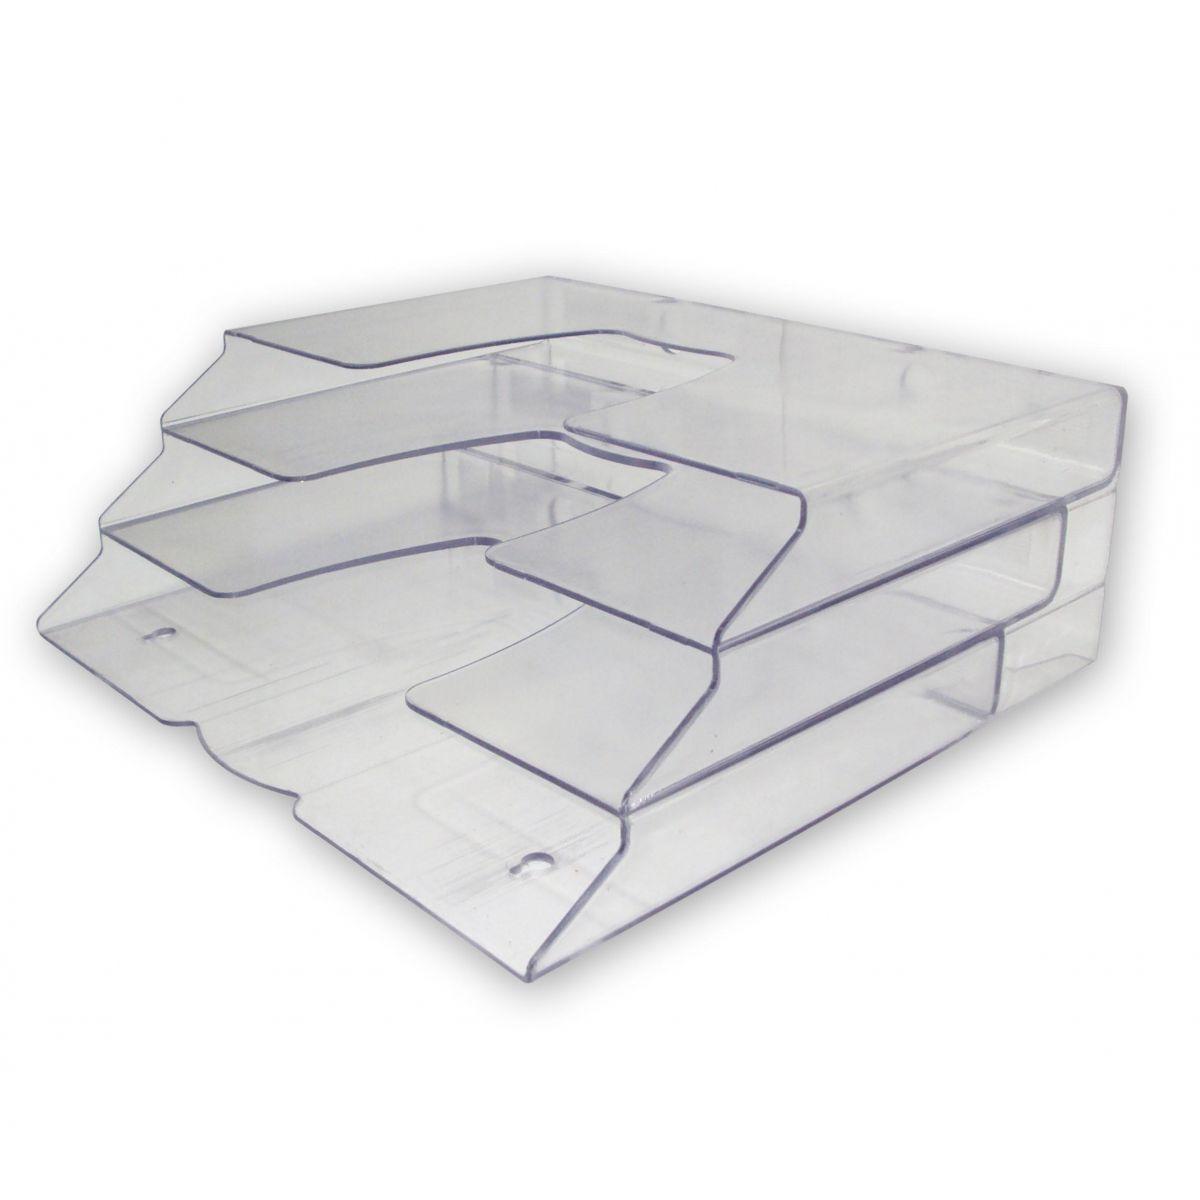 Display Organizador Triplo Mesa ou Parede Cristal 7300